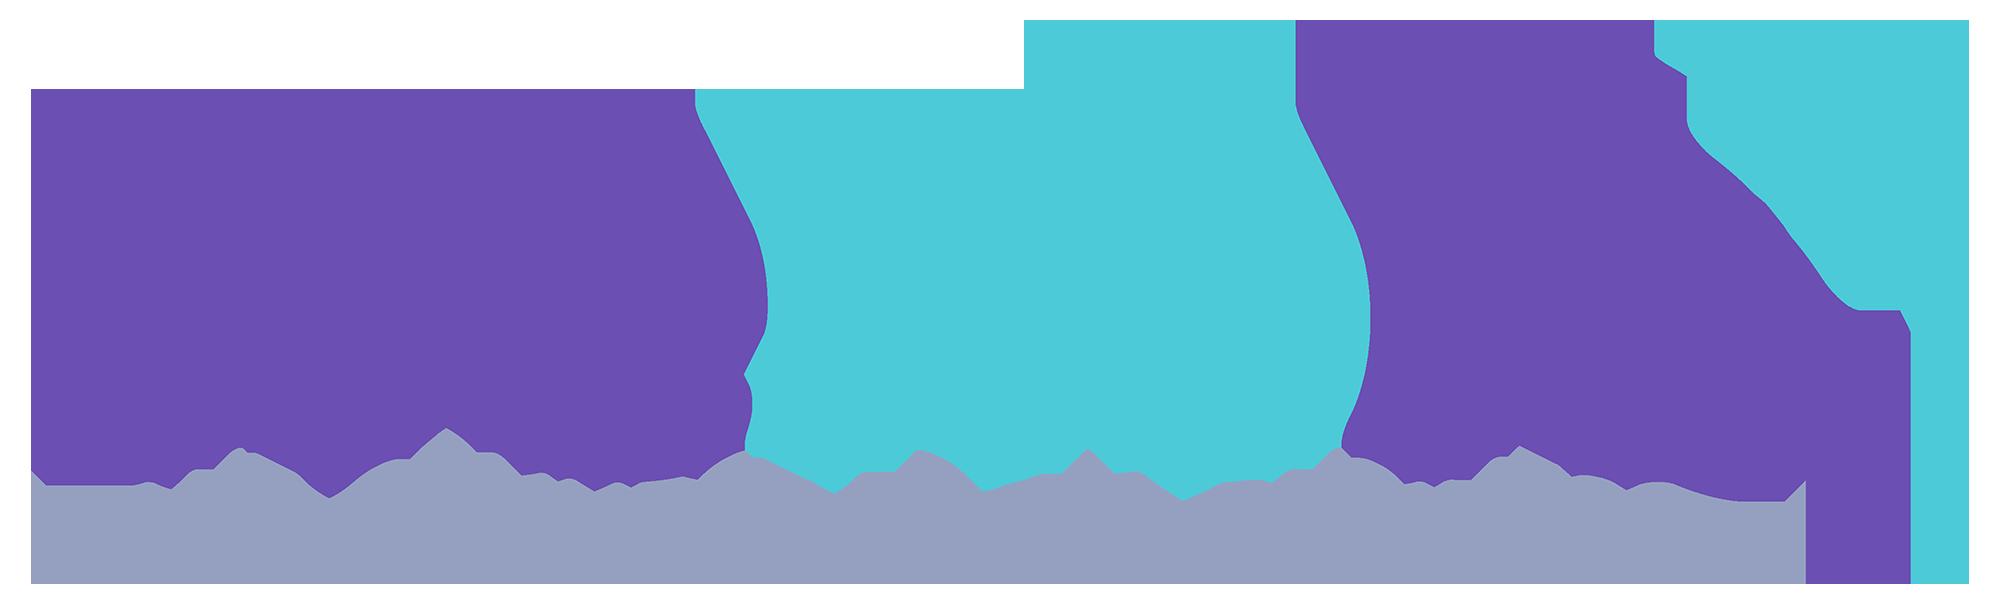 Wekolo.com